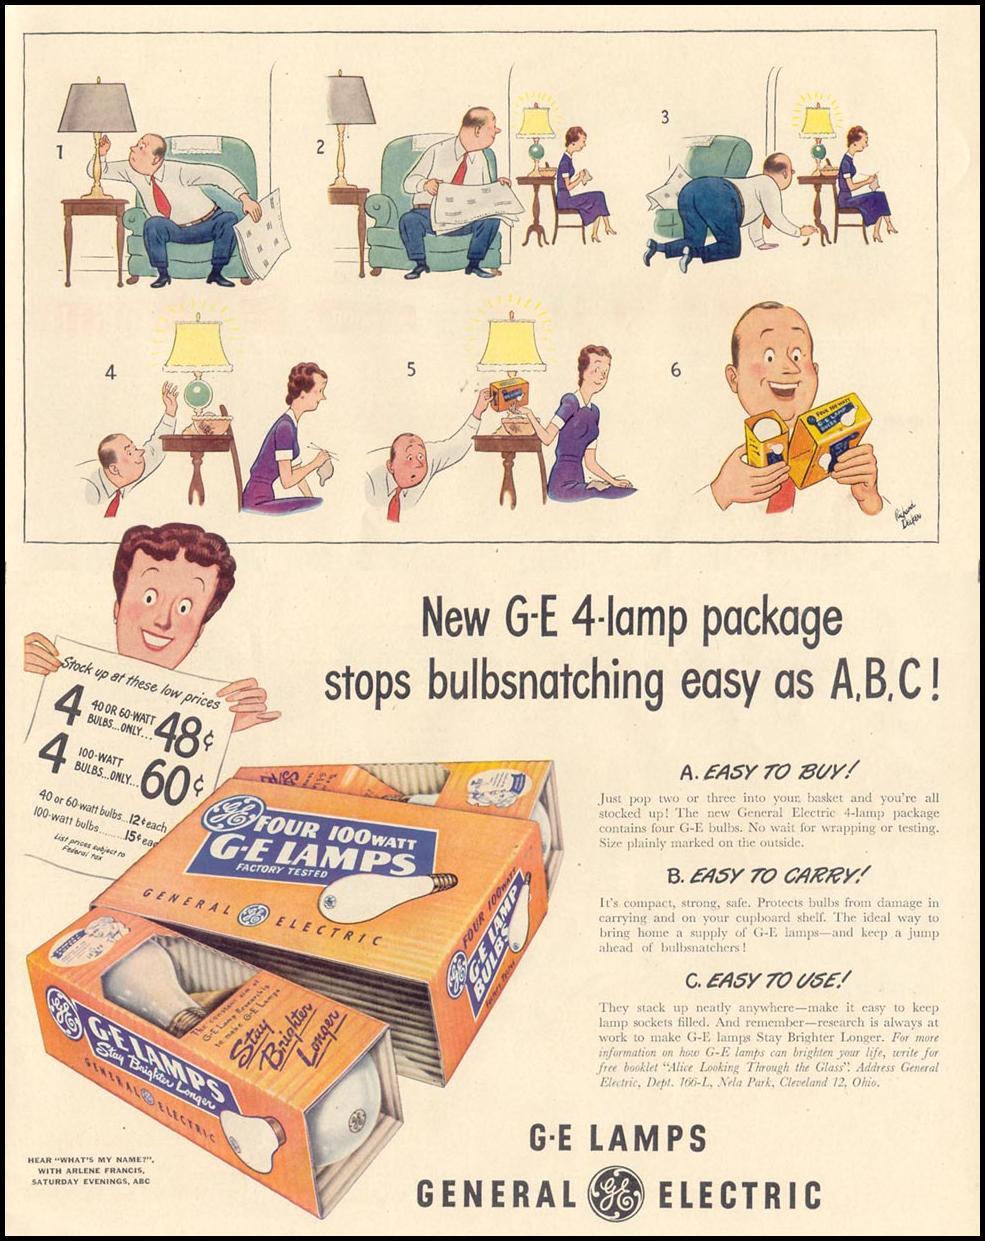 G-E LAMPS LIFE 11/15/1948